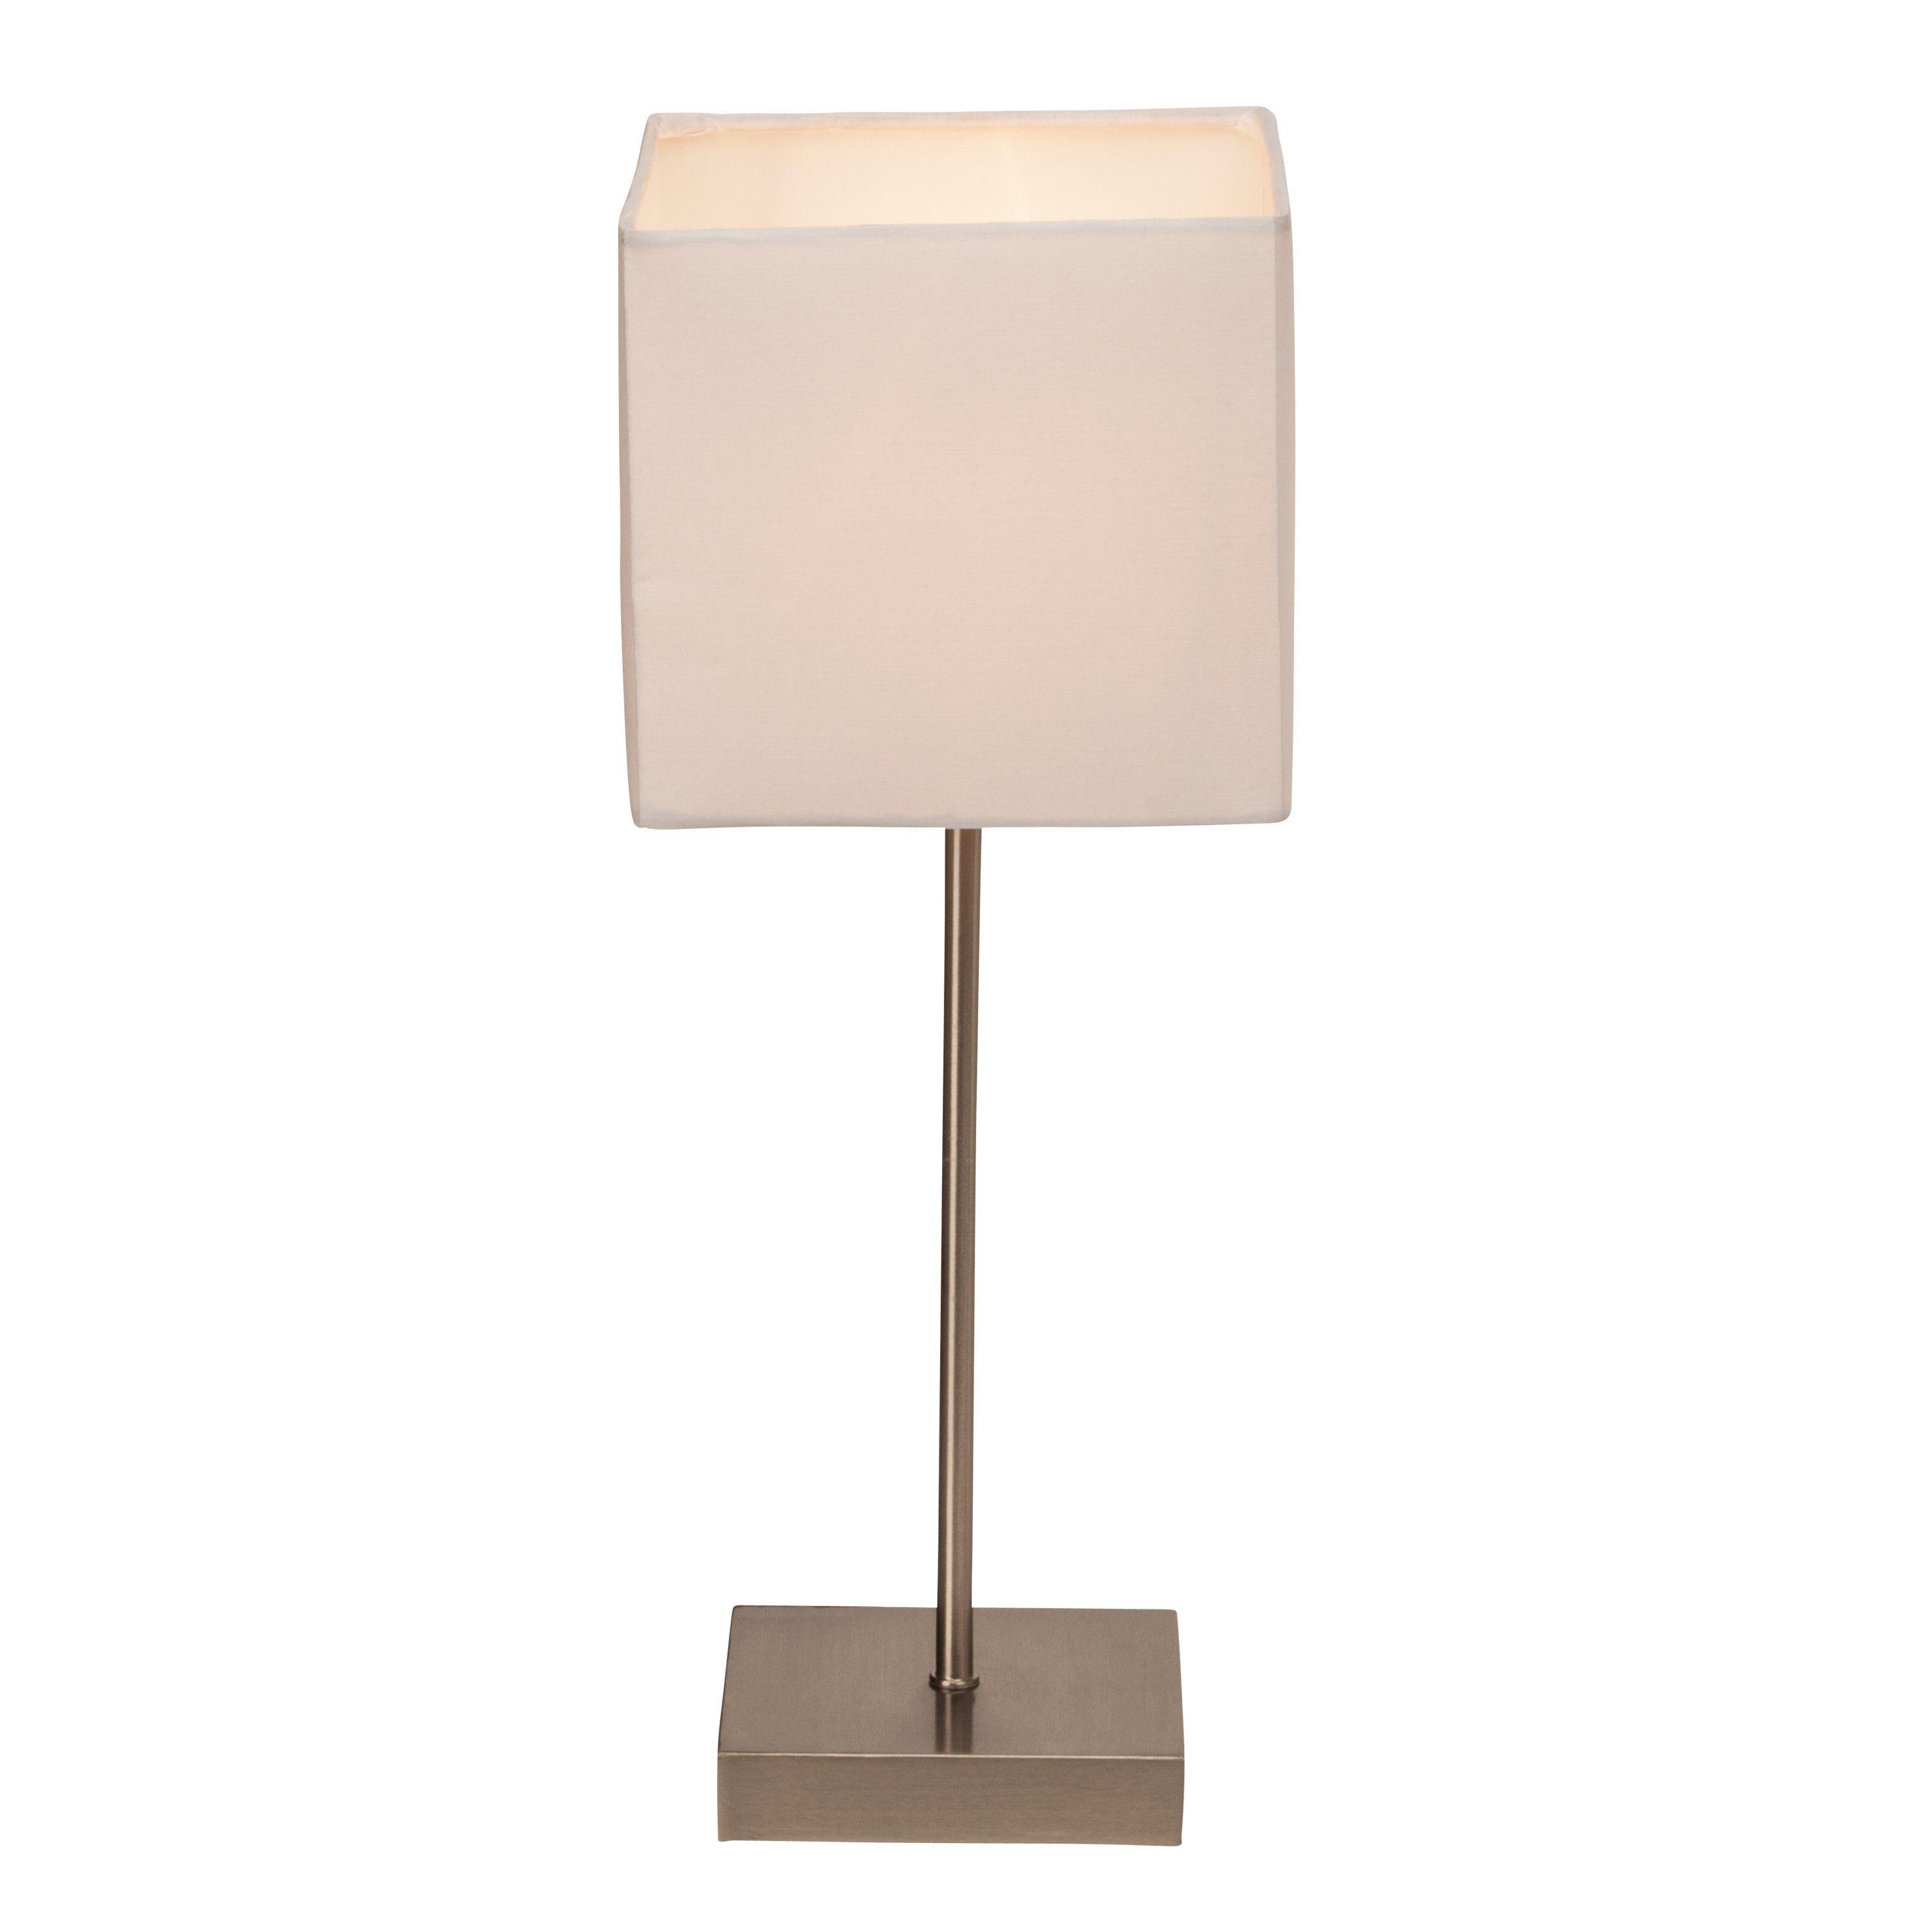 Brilliant Leuchten Aglae Tischleuchte mit Touchschalter weiß